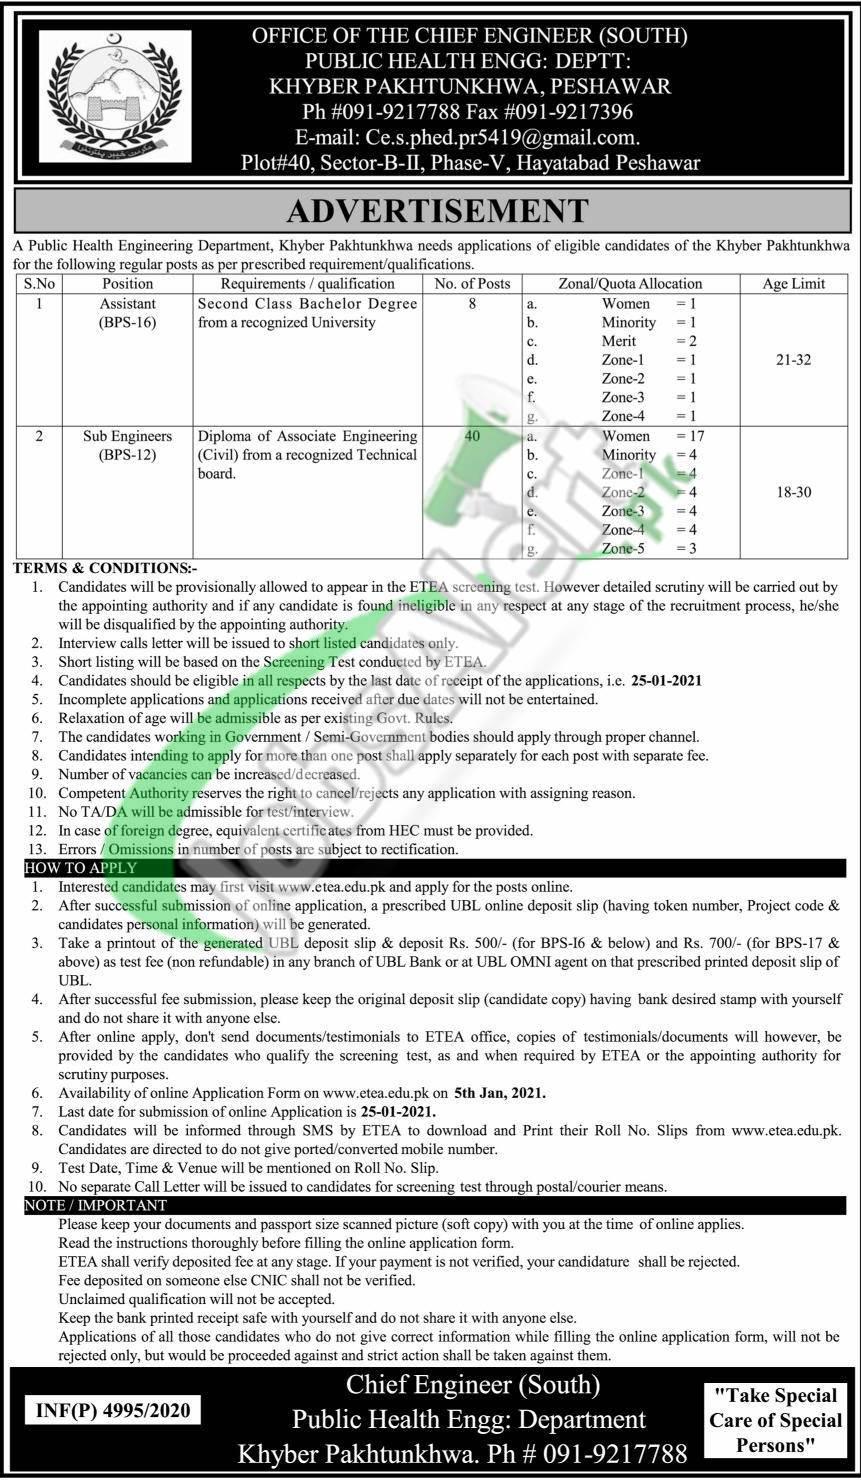 Public Health Engineering Department KPK Jobs